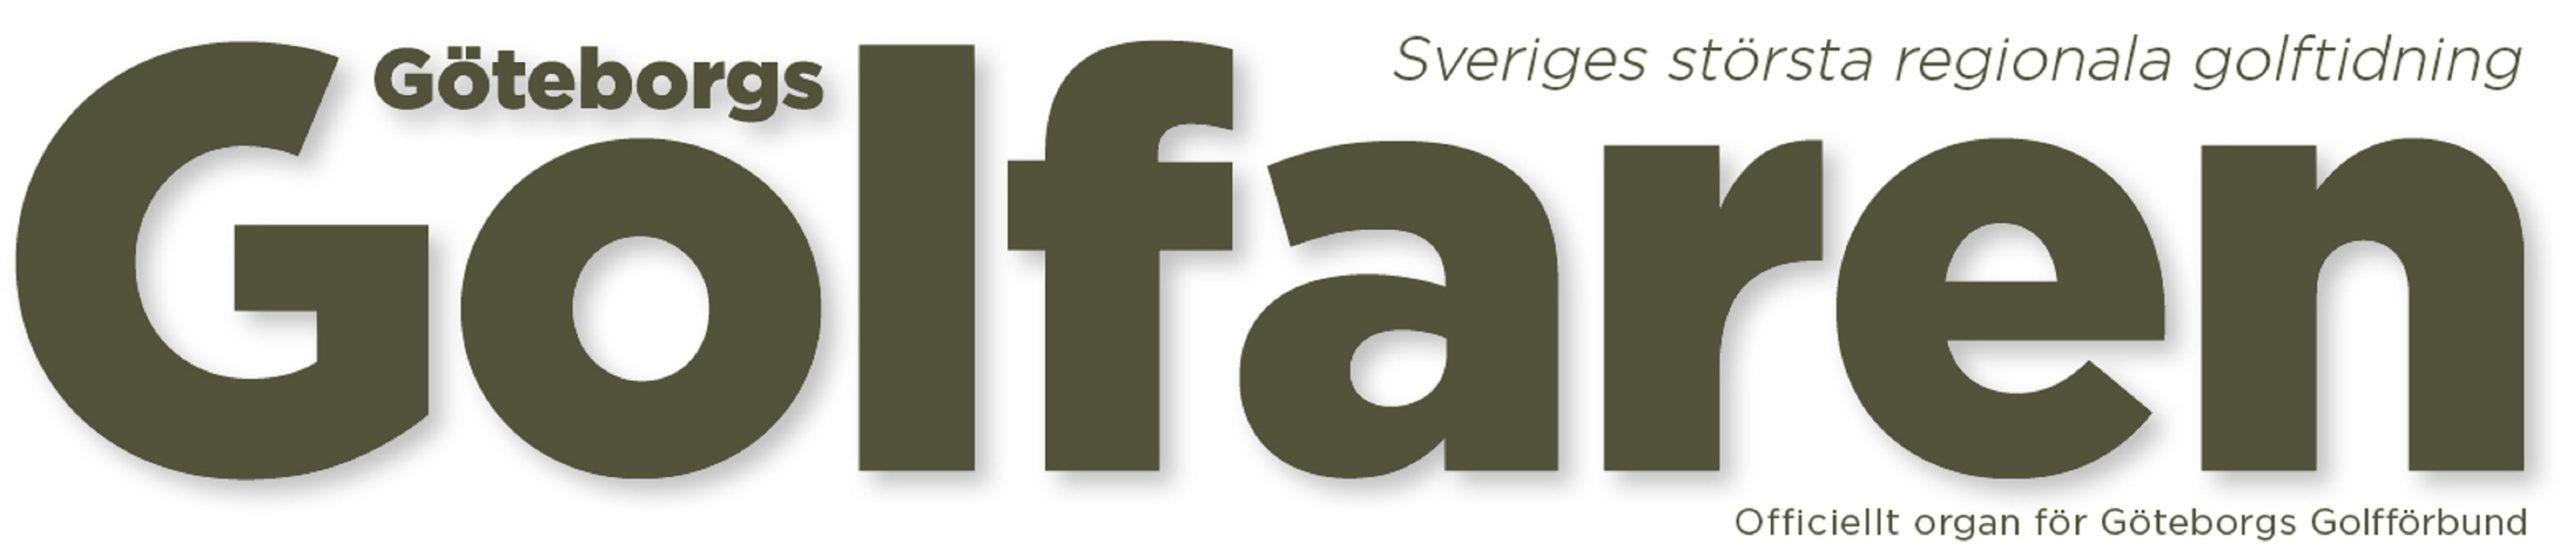 GöteborgsGolfaren